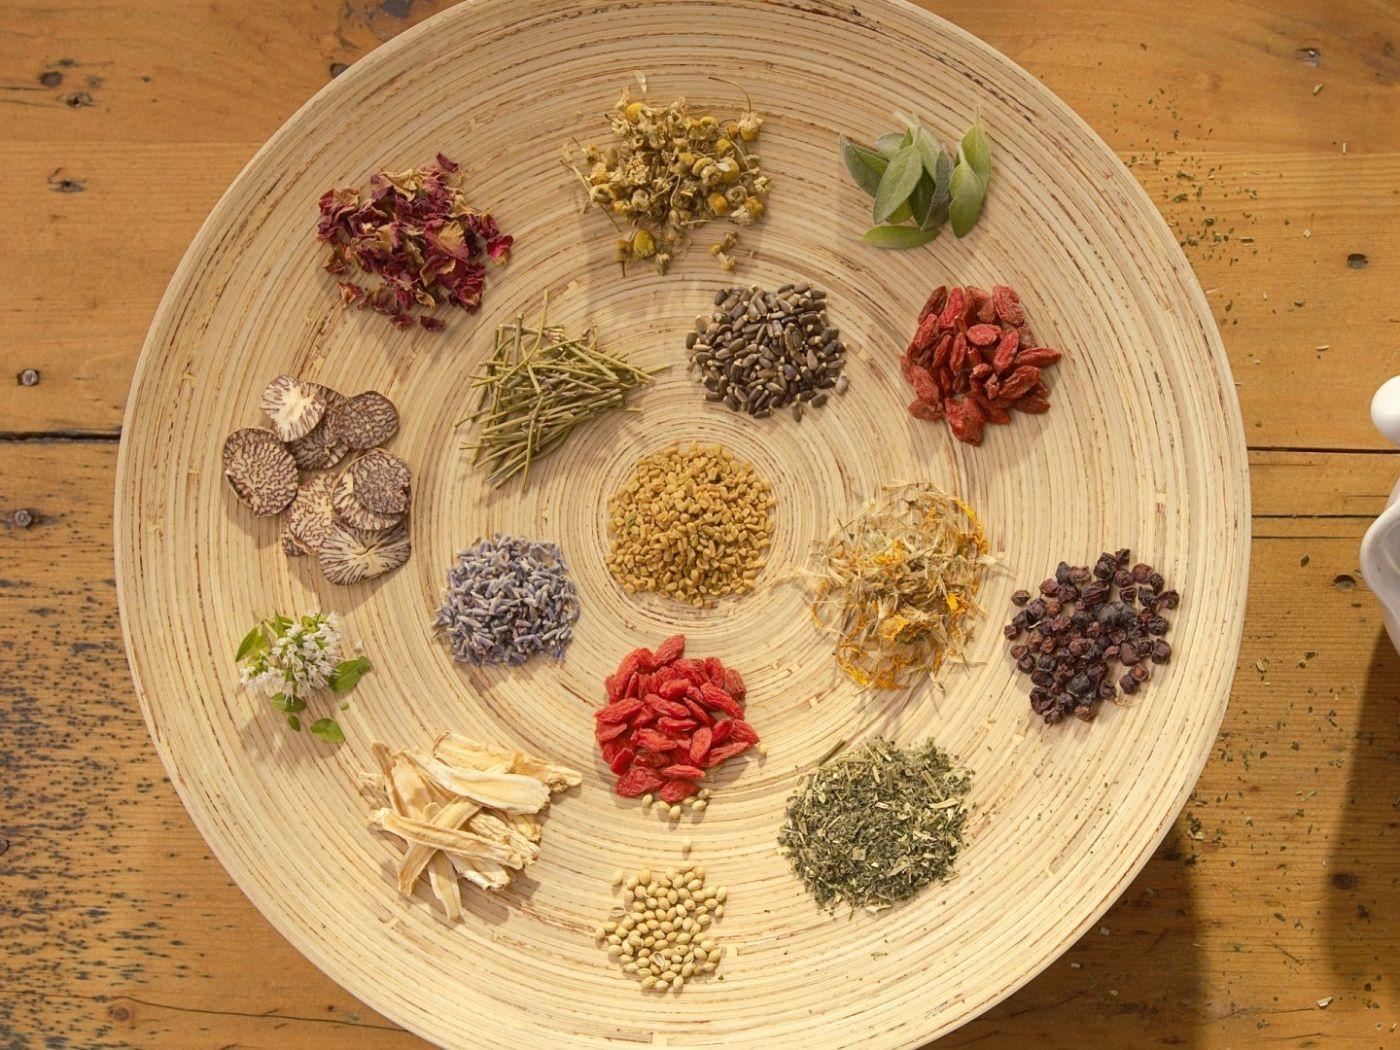 علاج الصفار عند الأطفال بالأعشاب موسوعة Decorative Plates Food Tableware